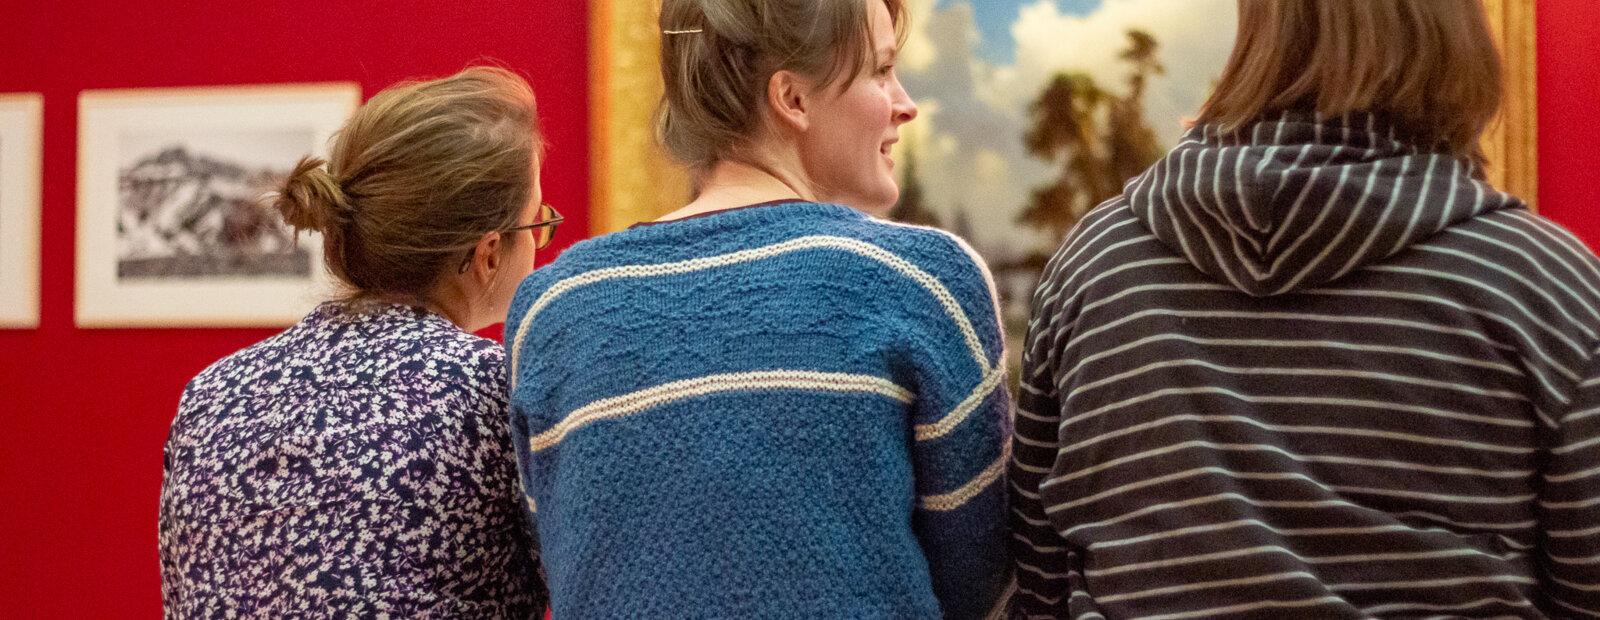 Publikum i utstilling